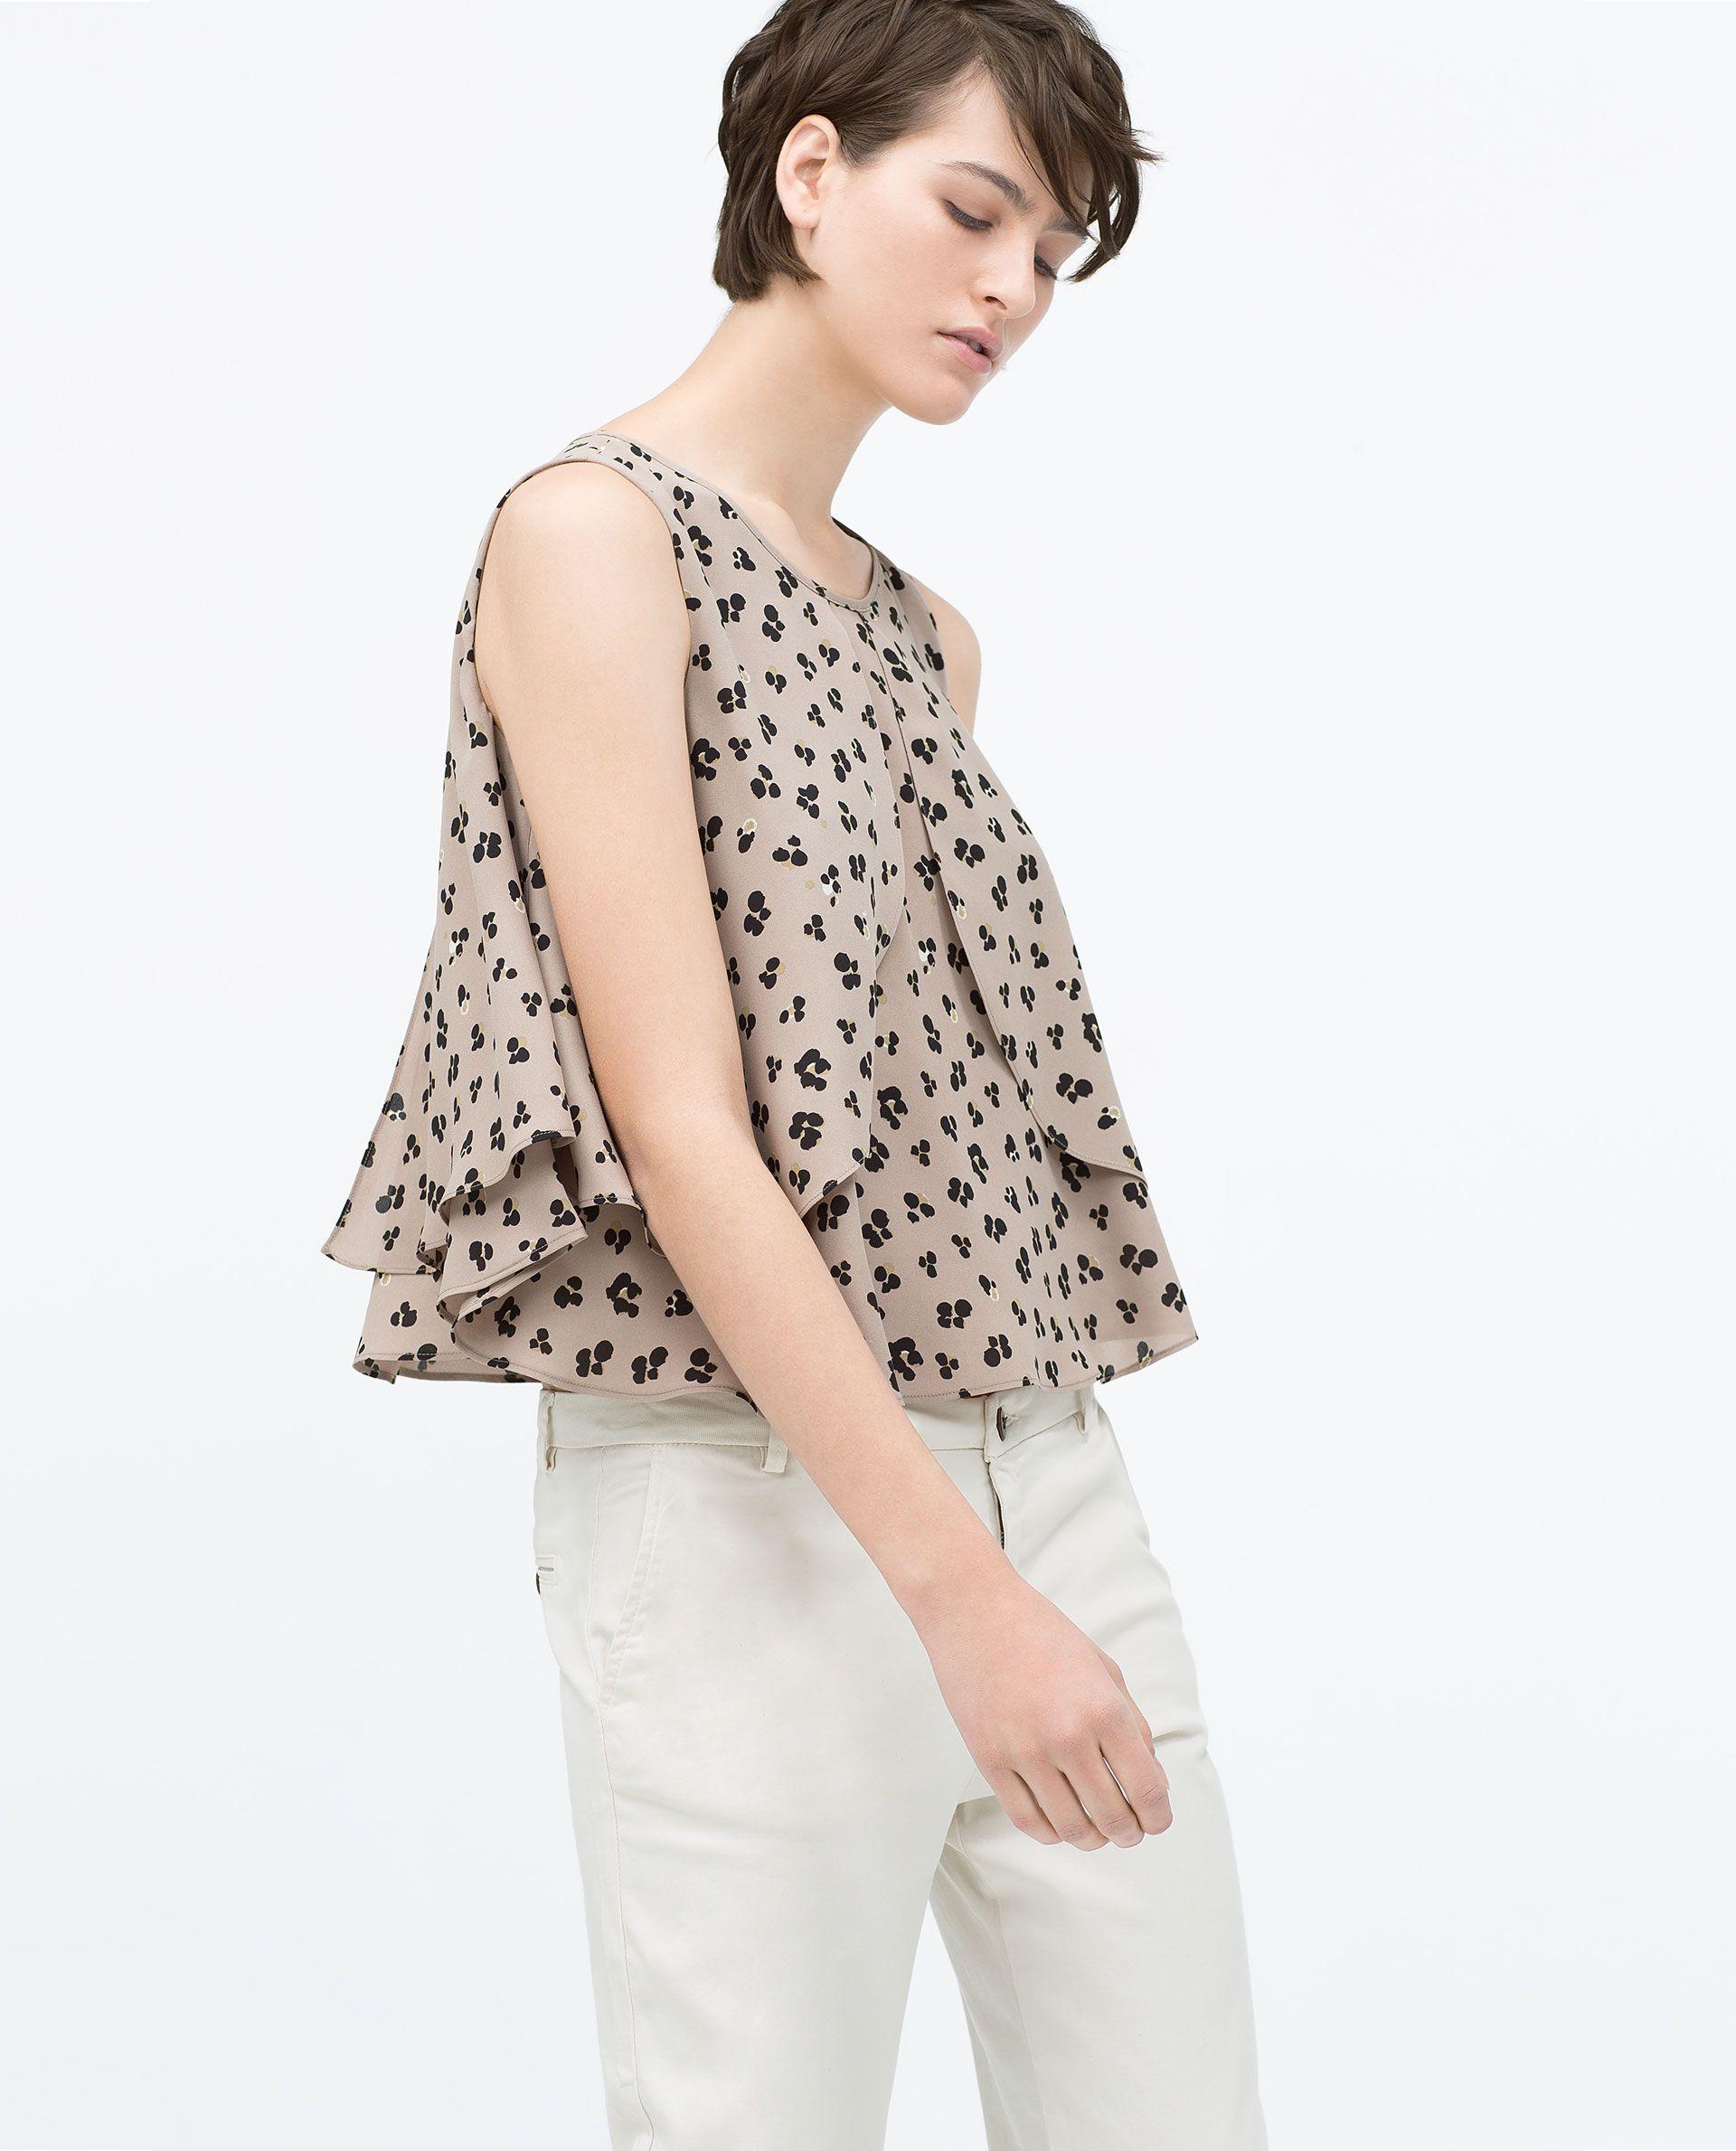 Zara Mulher Top Estampado Com Capas De Decote Em Caixa Ao Kiểu